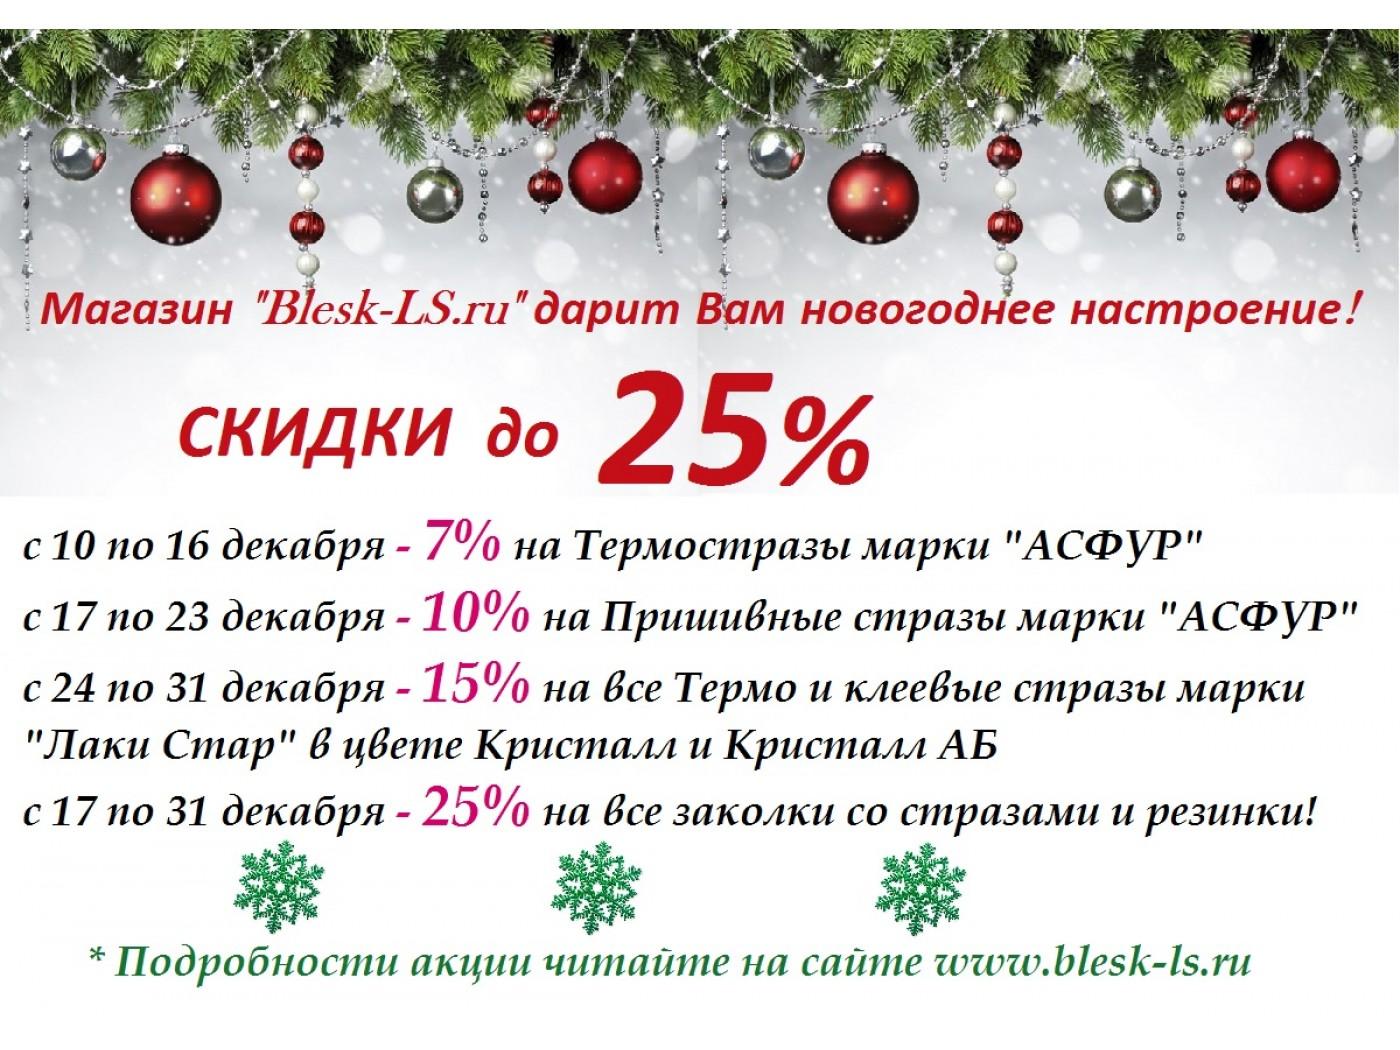 Предновогодние скидки на стразы и украшения до 25% весь декабрь!!!